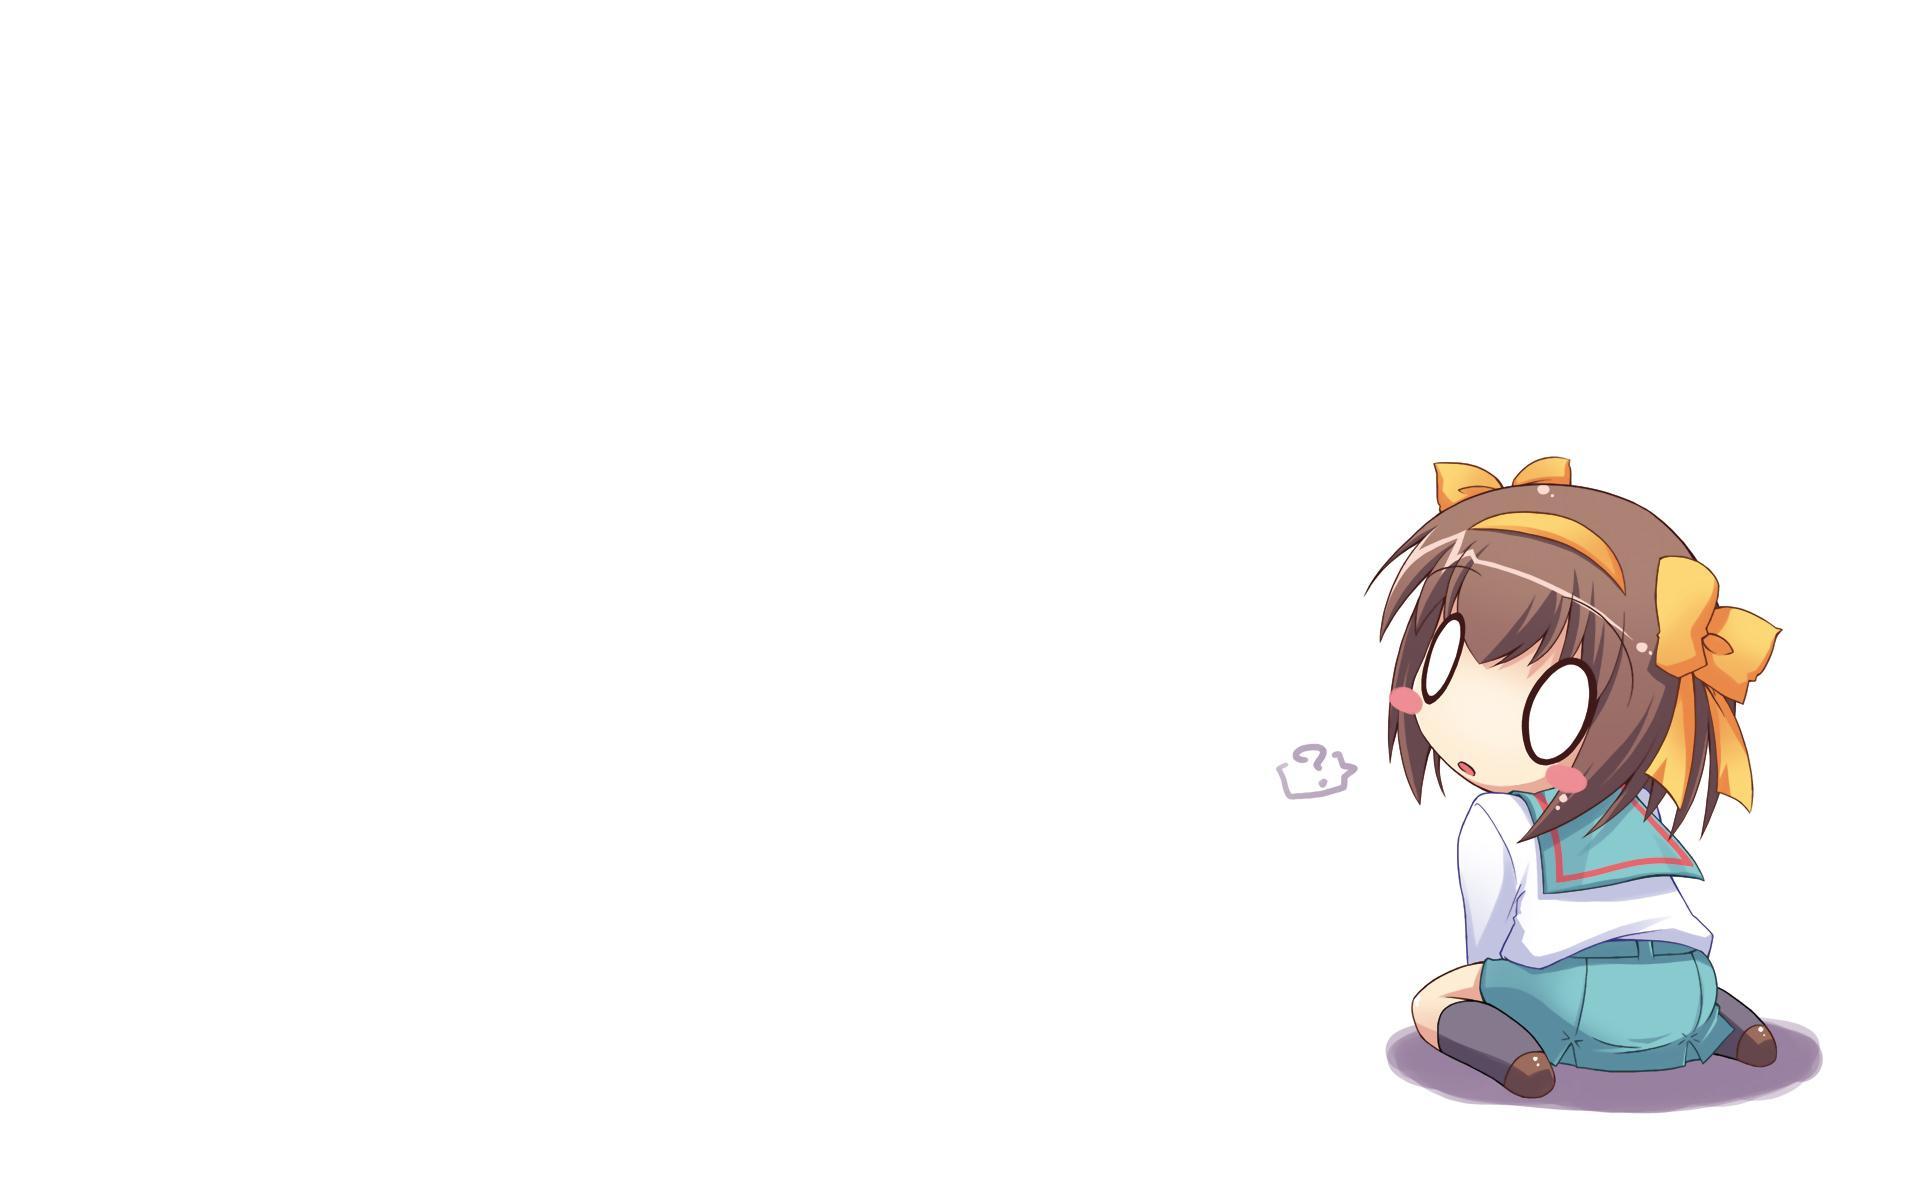 Ảnh nền anime pp đẹp